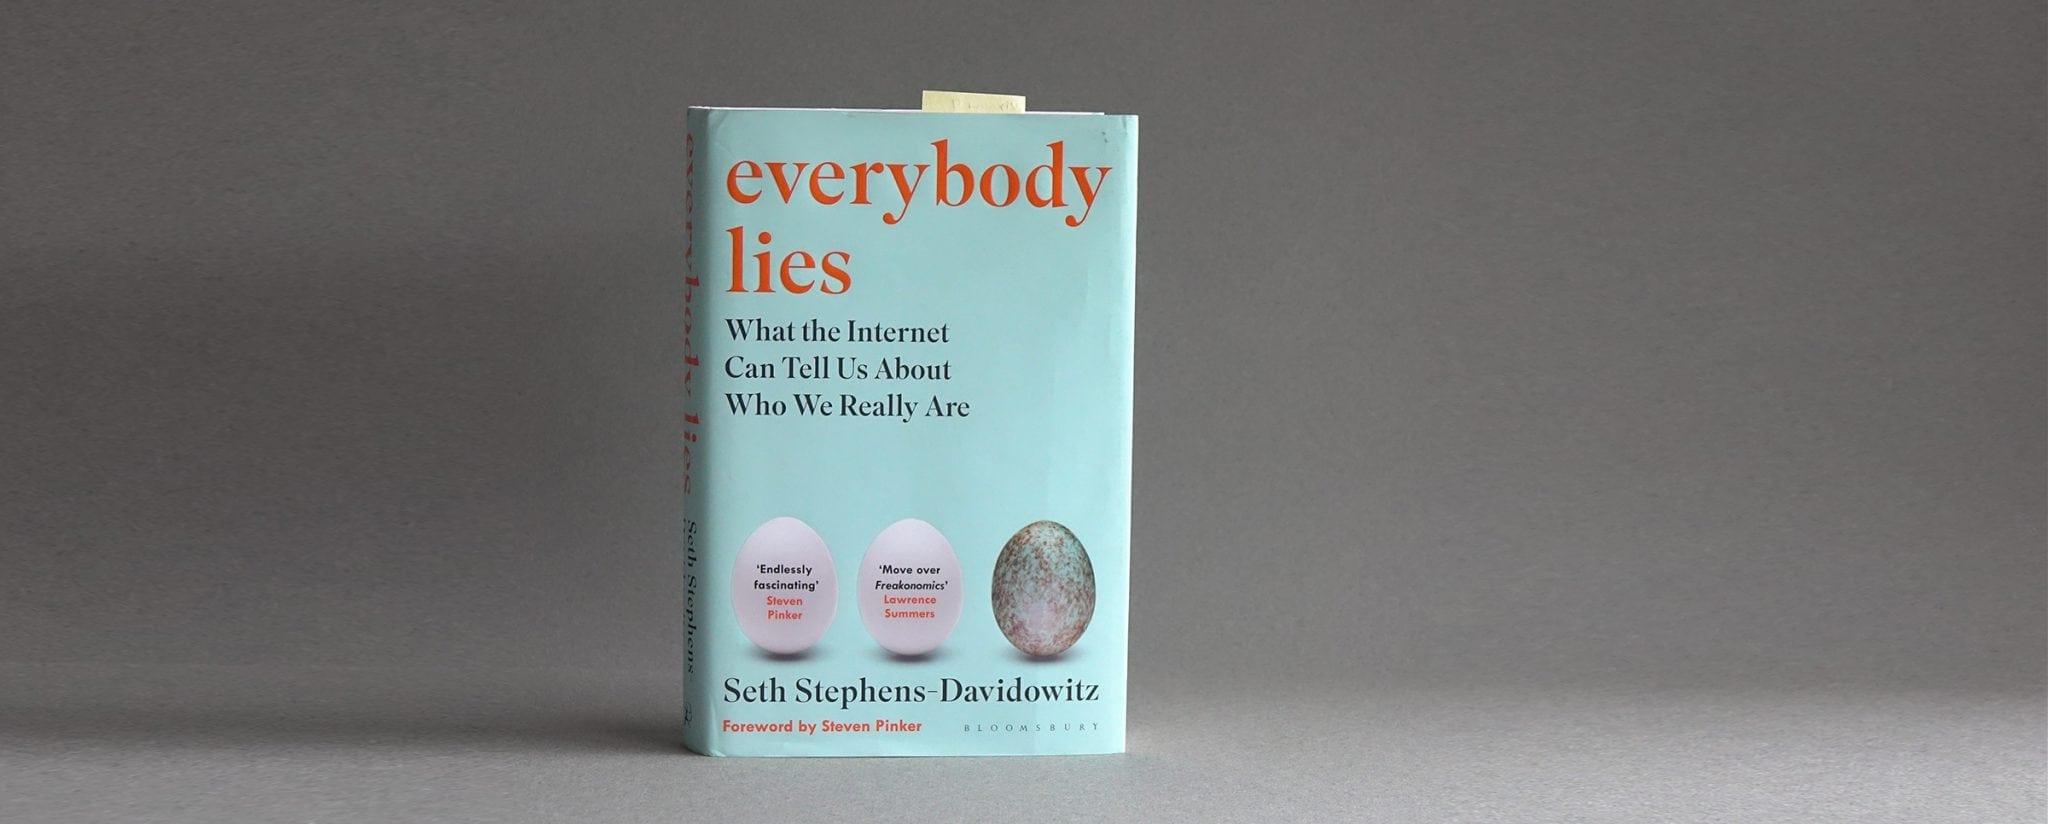 Everybody Lies oli vuoden 2017 tärkein bisneskirja